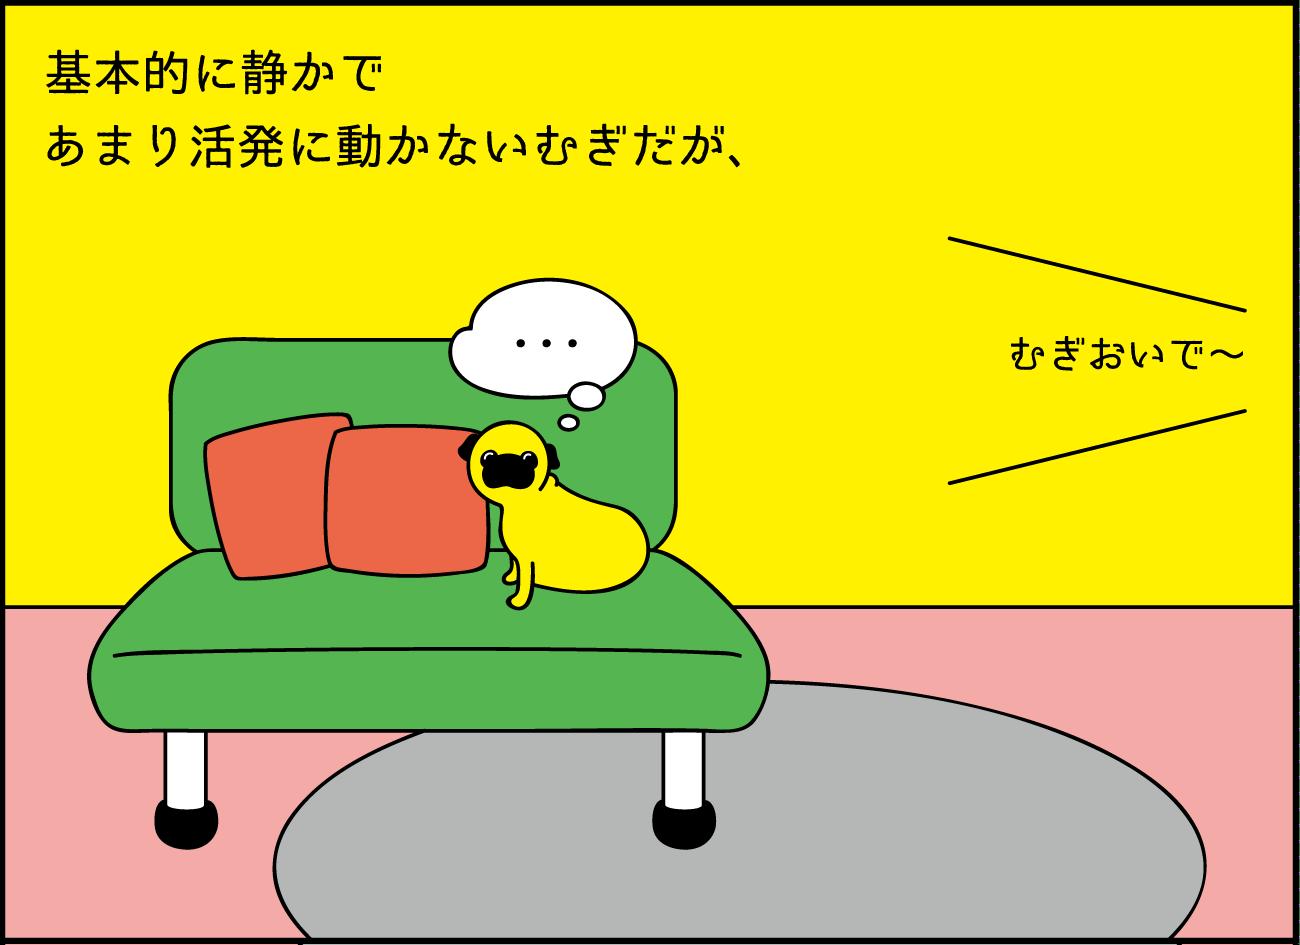 夢の中【ほのぼの系Daily Comic/パグとわたし】